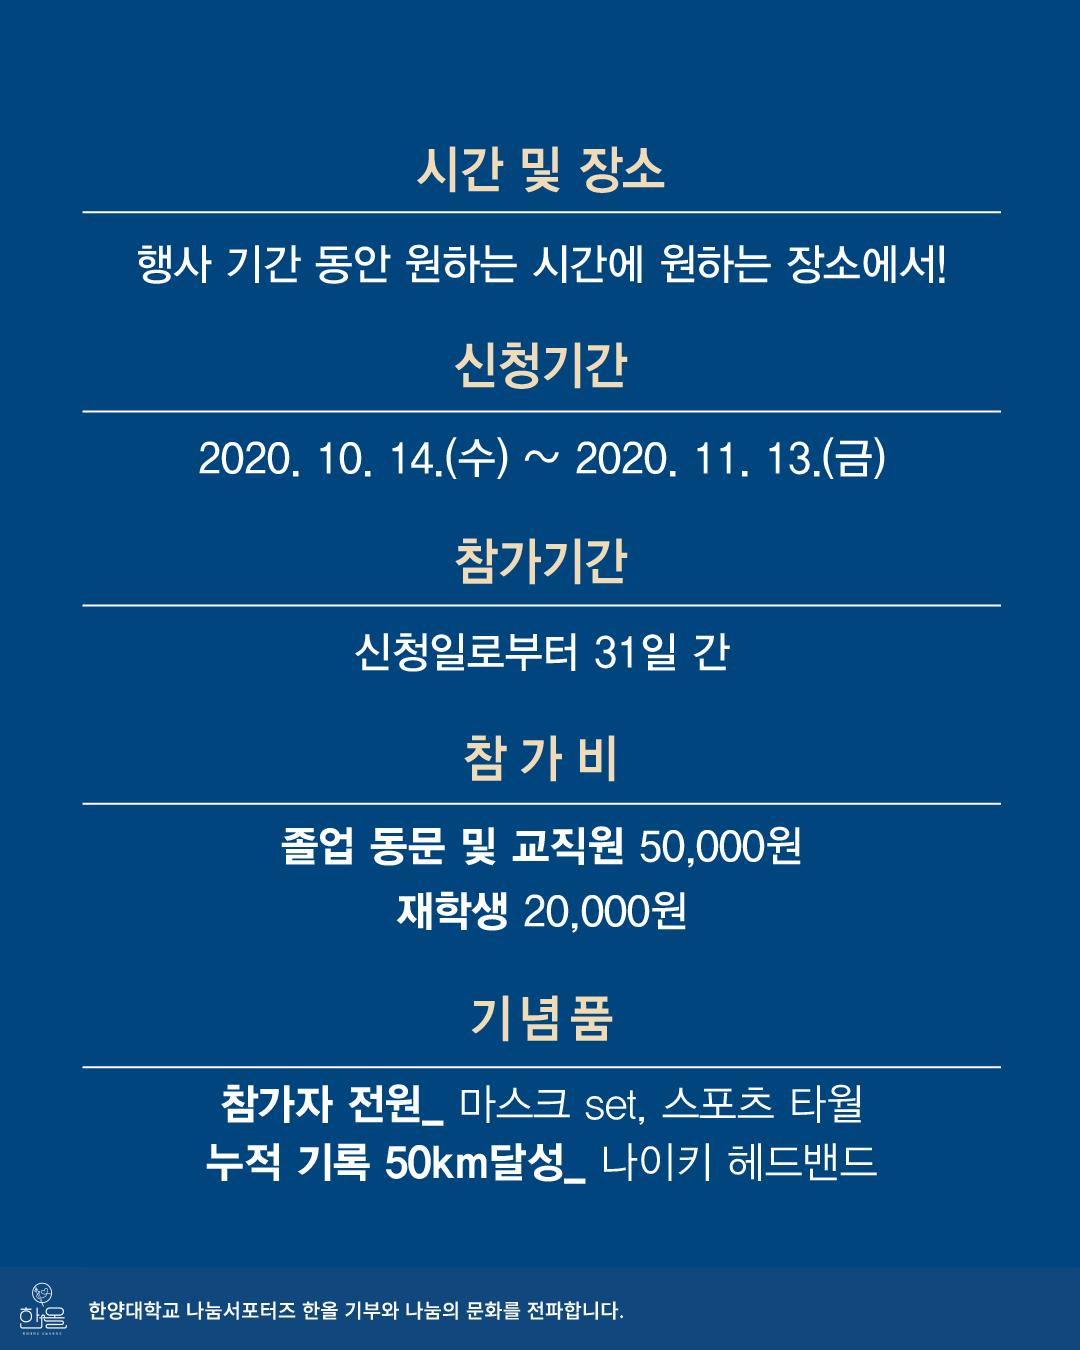 <언택트 레이스 한양> 우린 달리면서 응원한대!